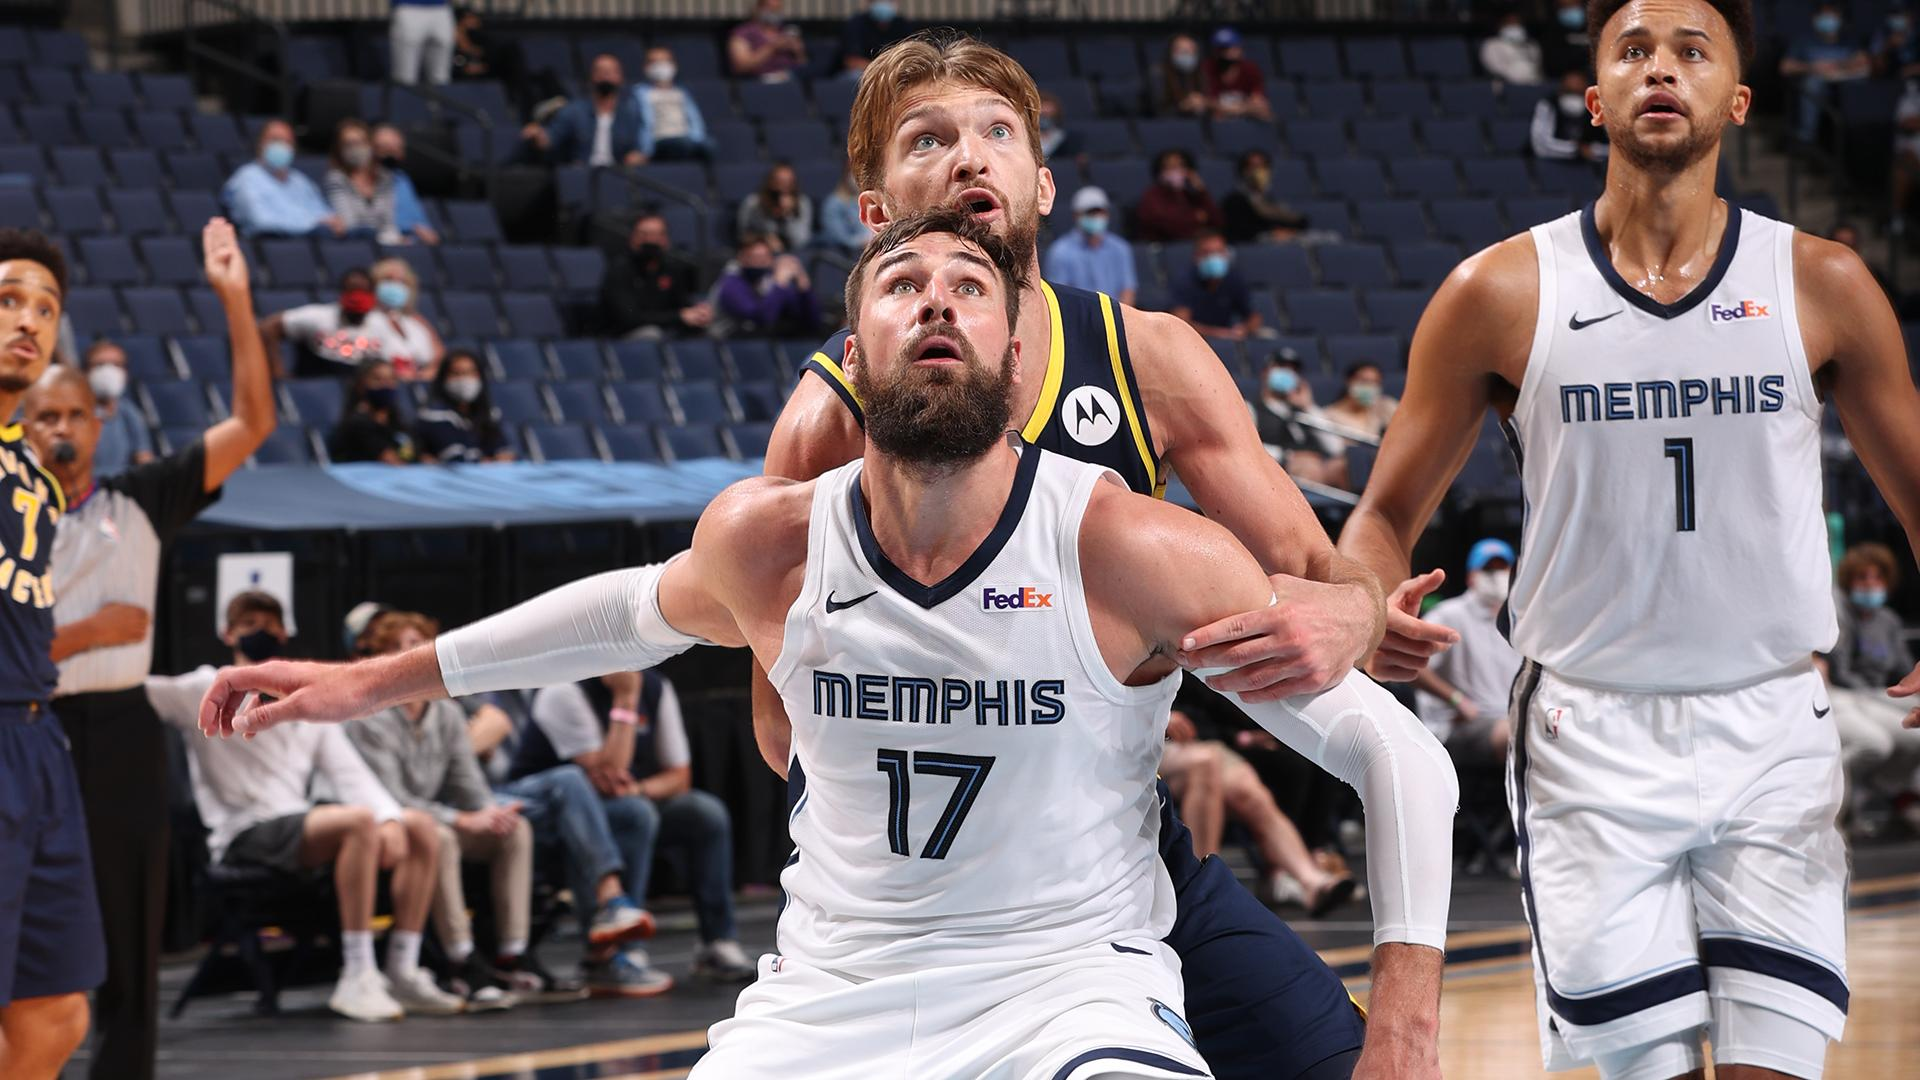 Domantas Sabonis & Jonas Valanciunas duel in Memphis